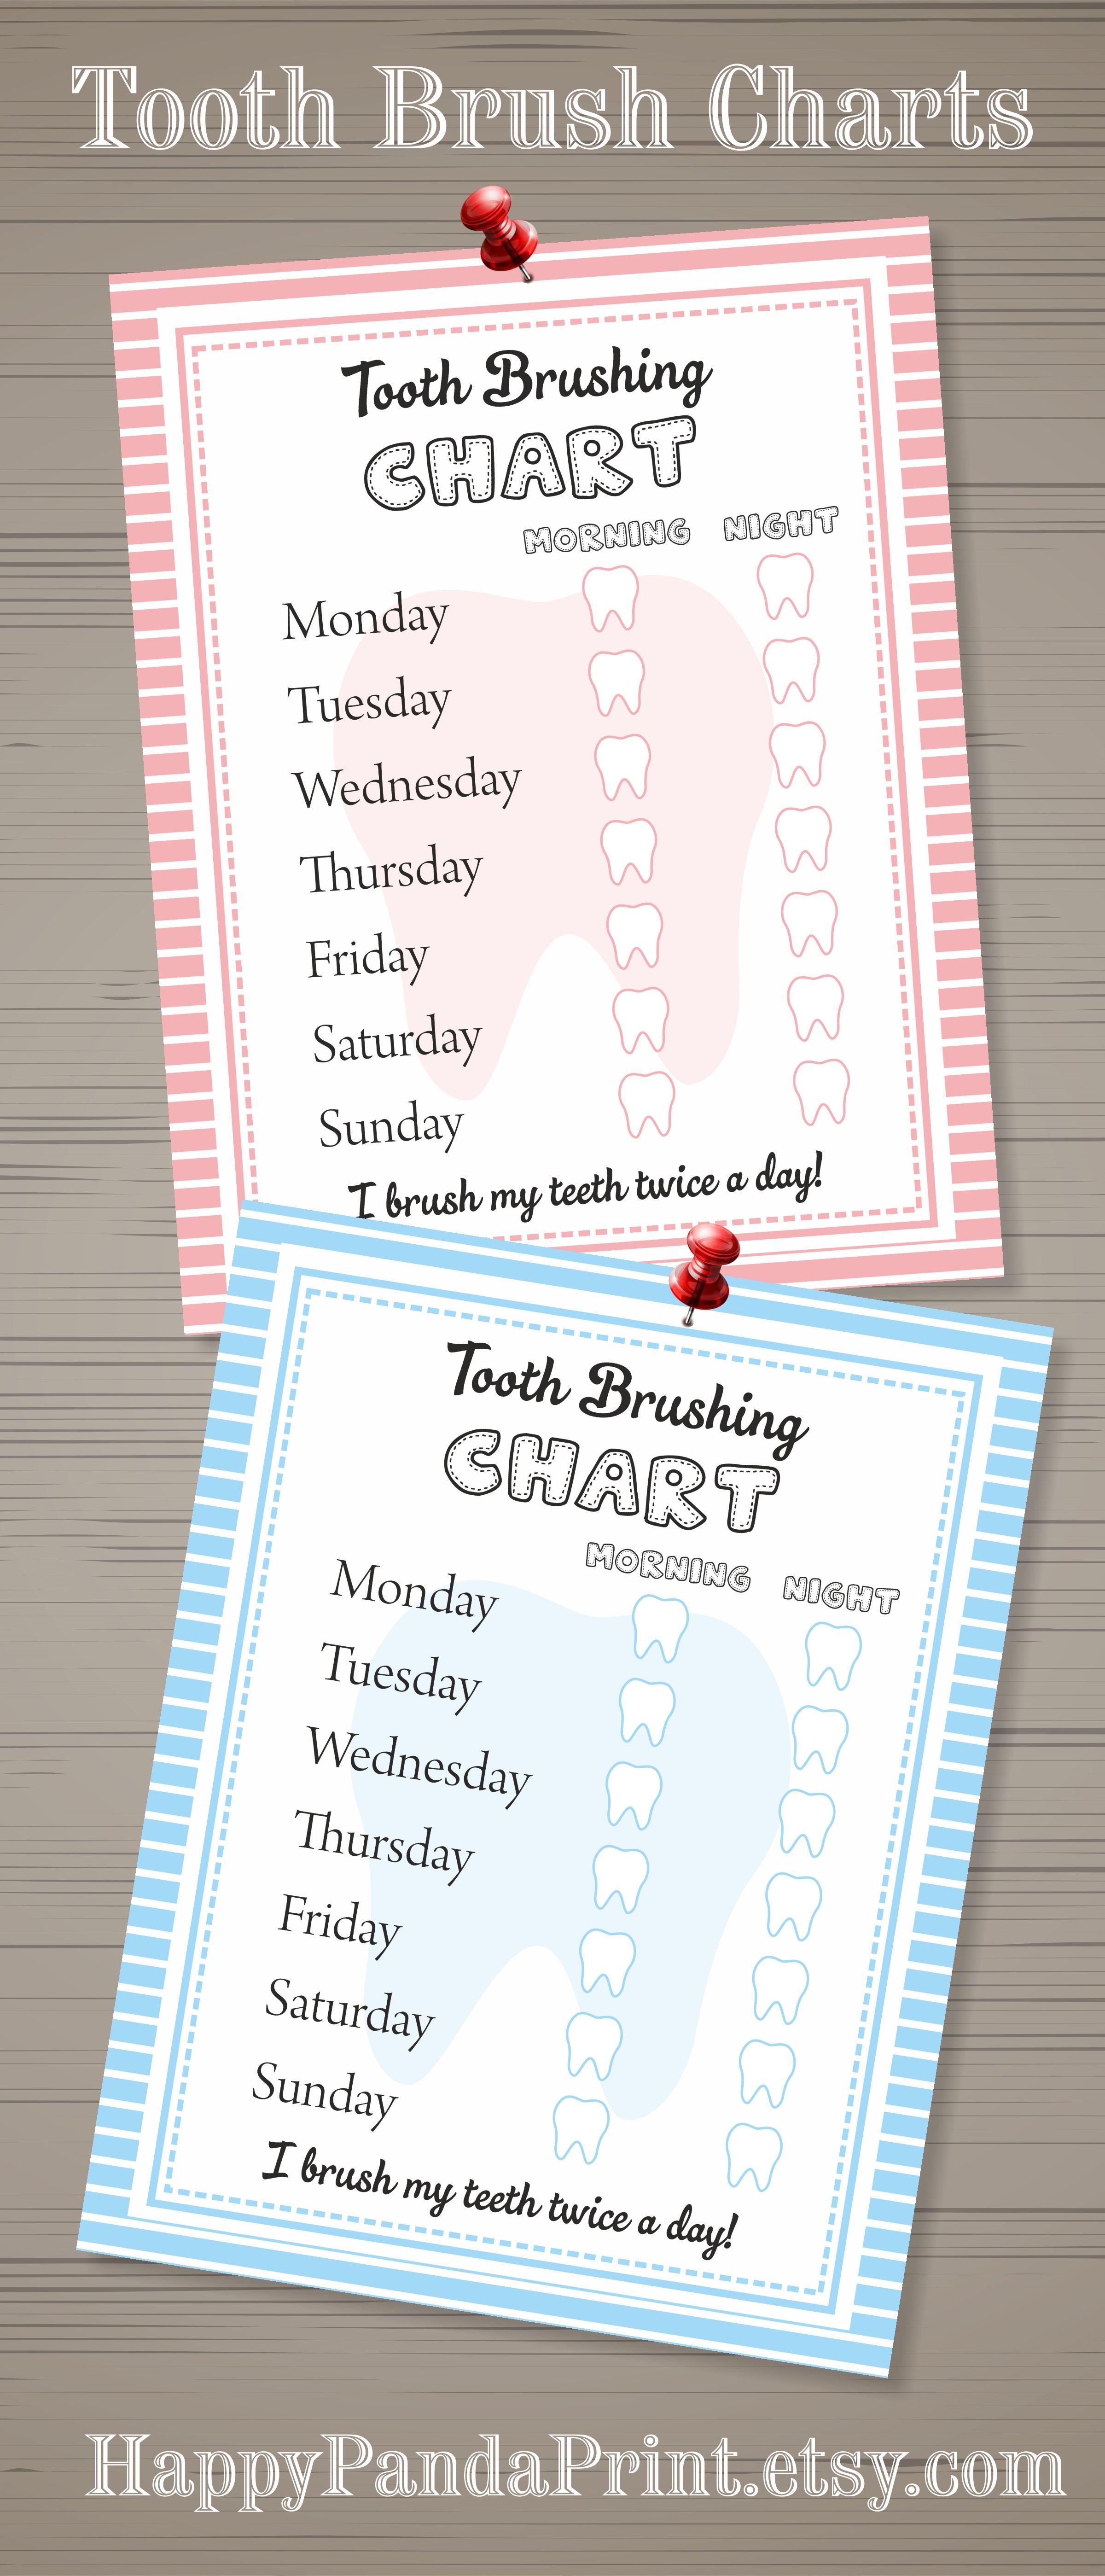 Girls Tooth Brush Chart Girls Tooth Brushing Chore Chart Child Tooth Brush Chore Chart Toddler